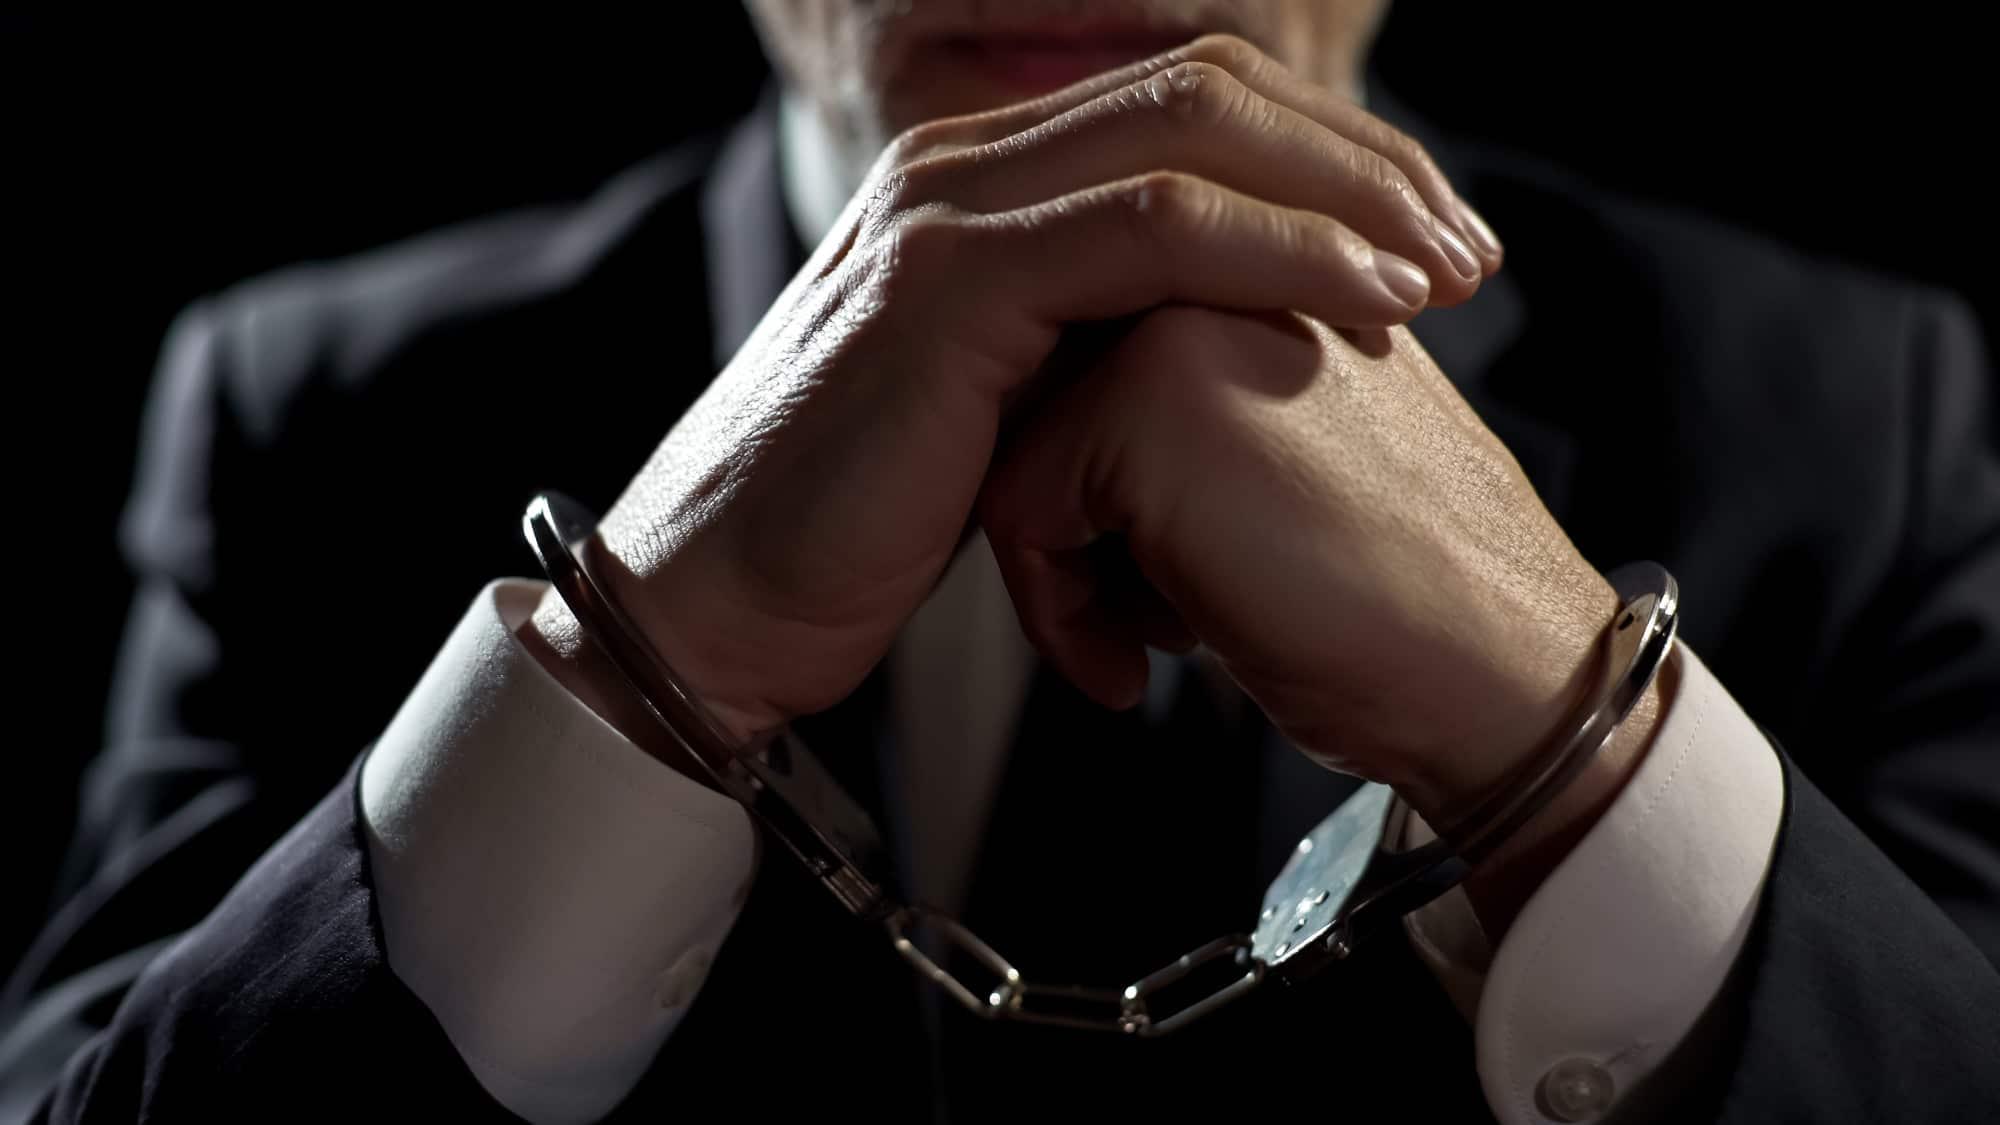 house arrest ankle bracelets